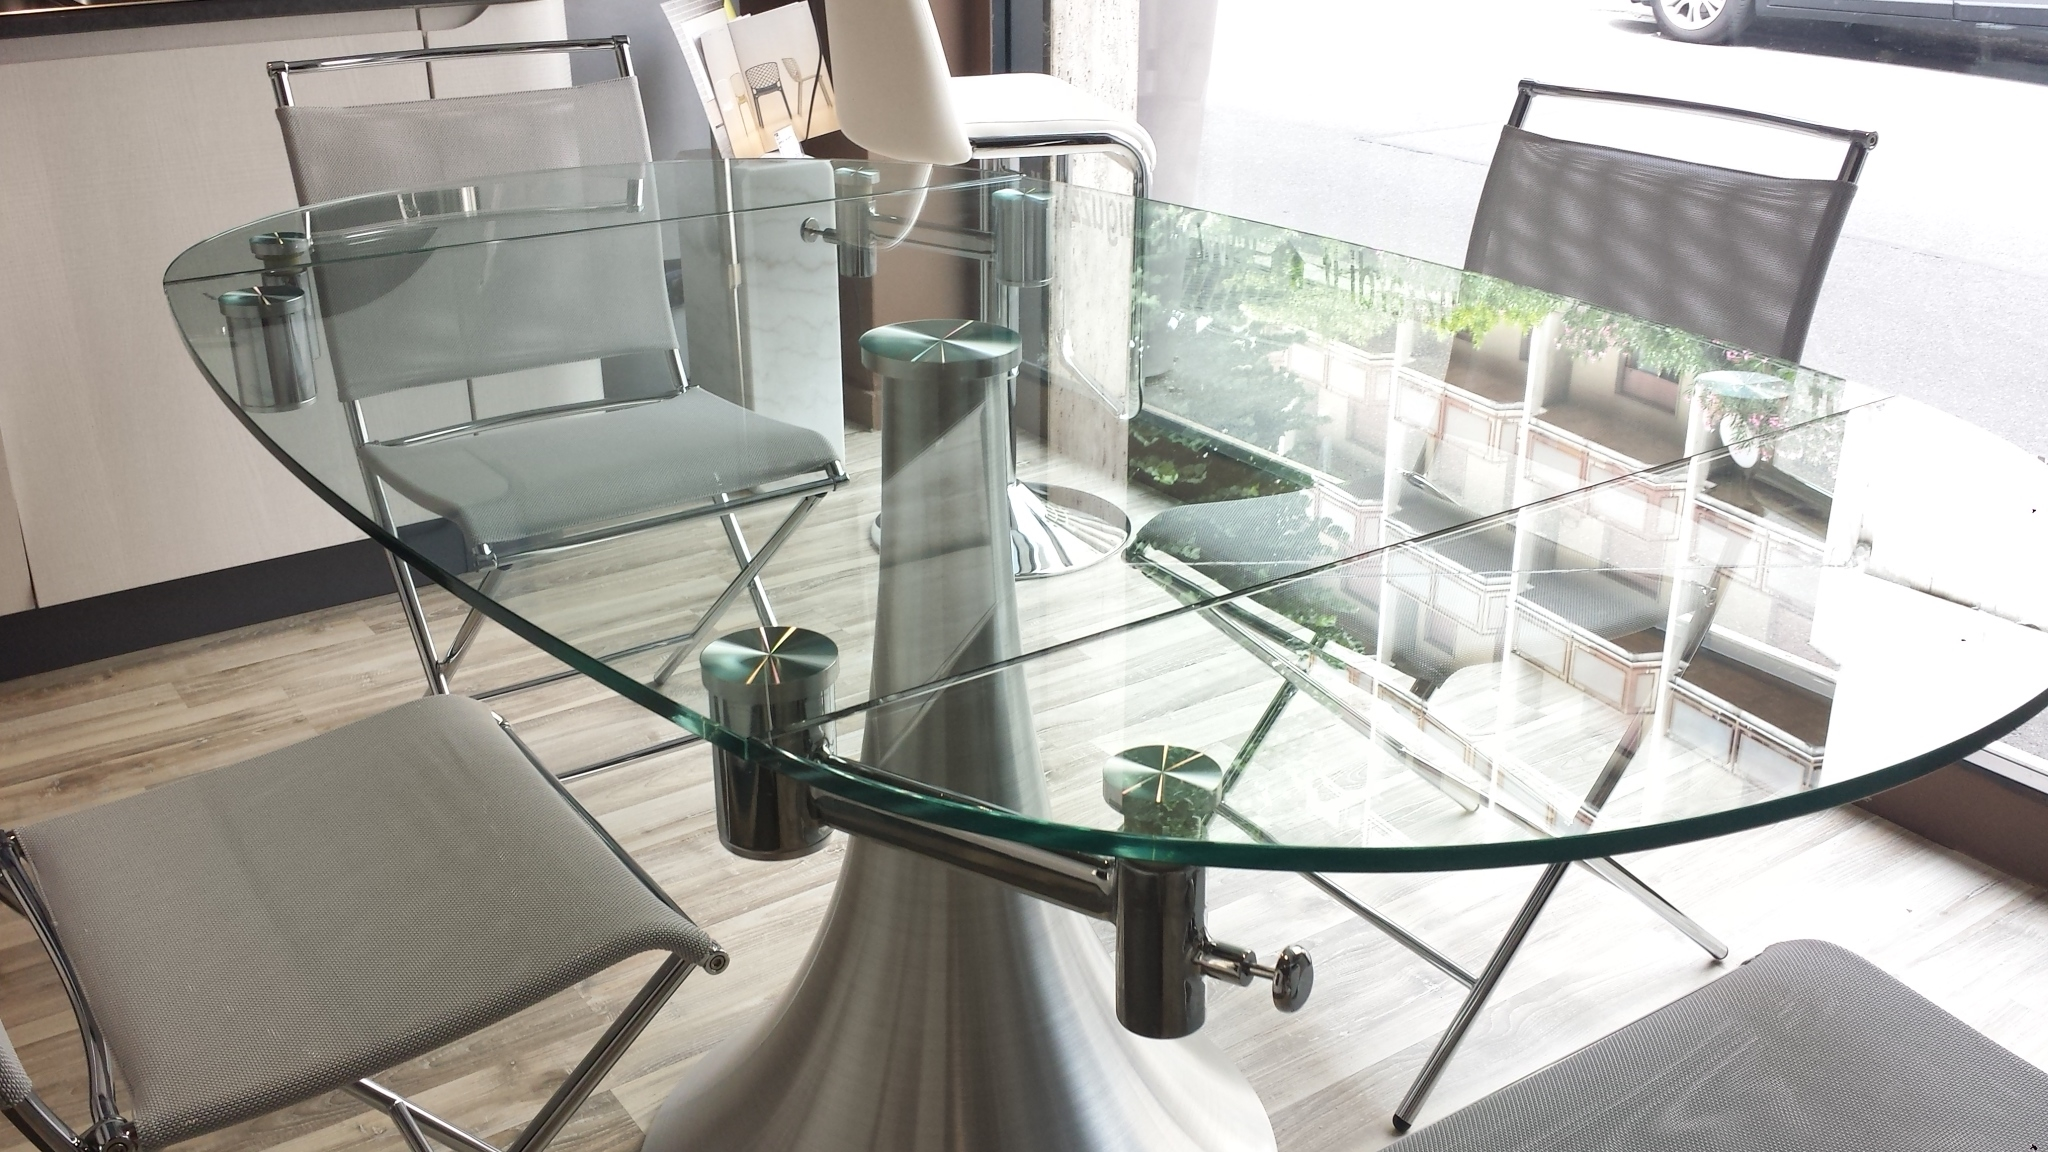 Tavolo Flute Allungabile Vetro Tavoli A Prezzi Scontati #736658 2048 1152 Tavoli Da Pranzo In Vetro Allungabili